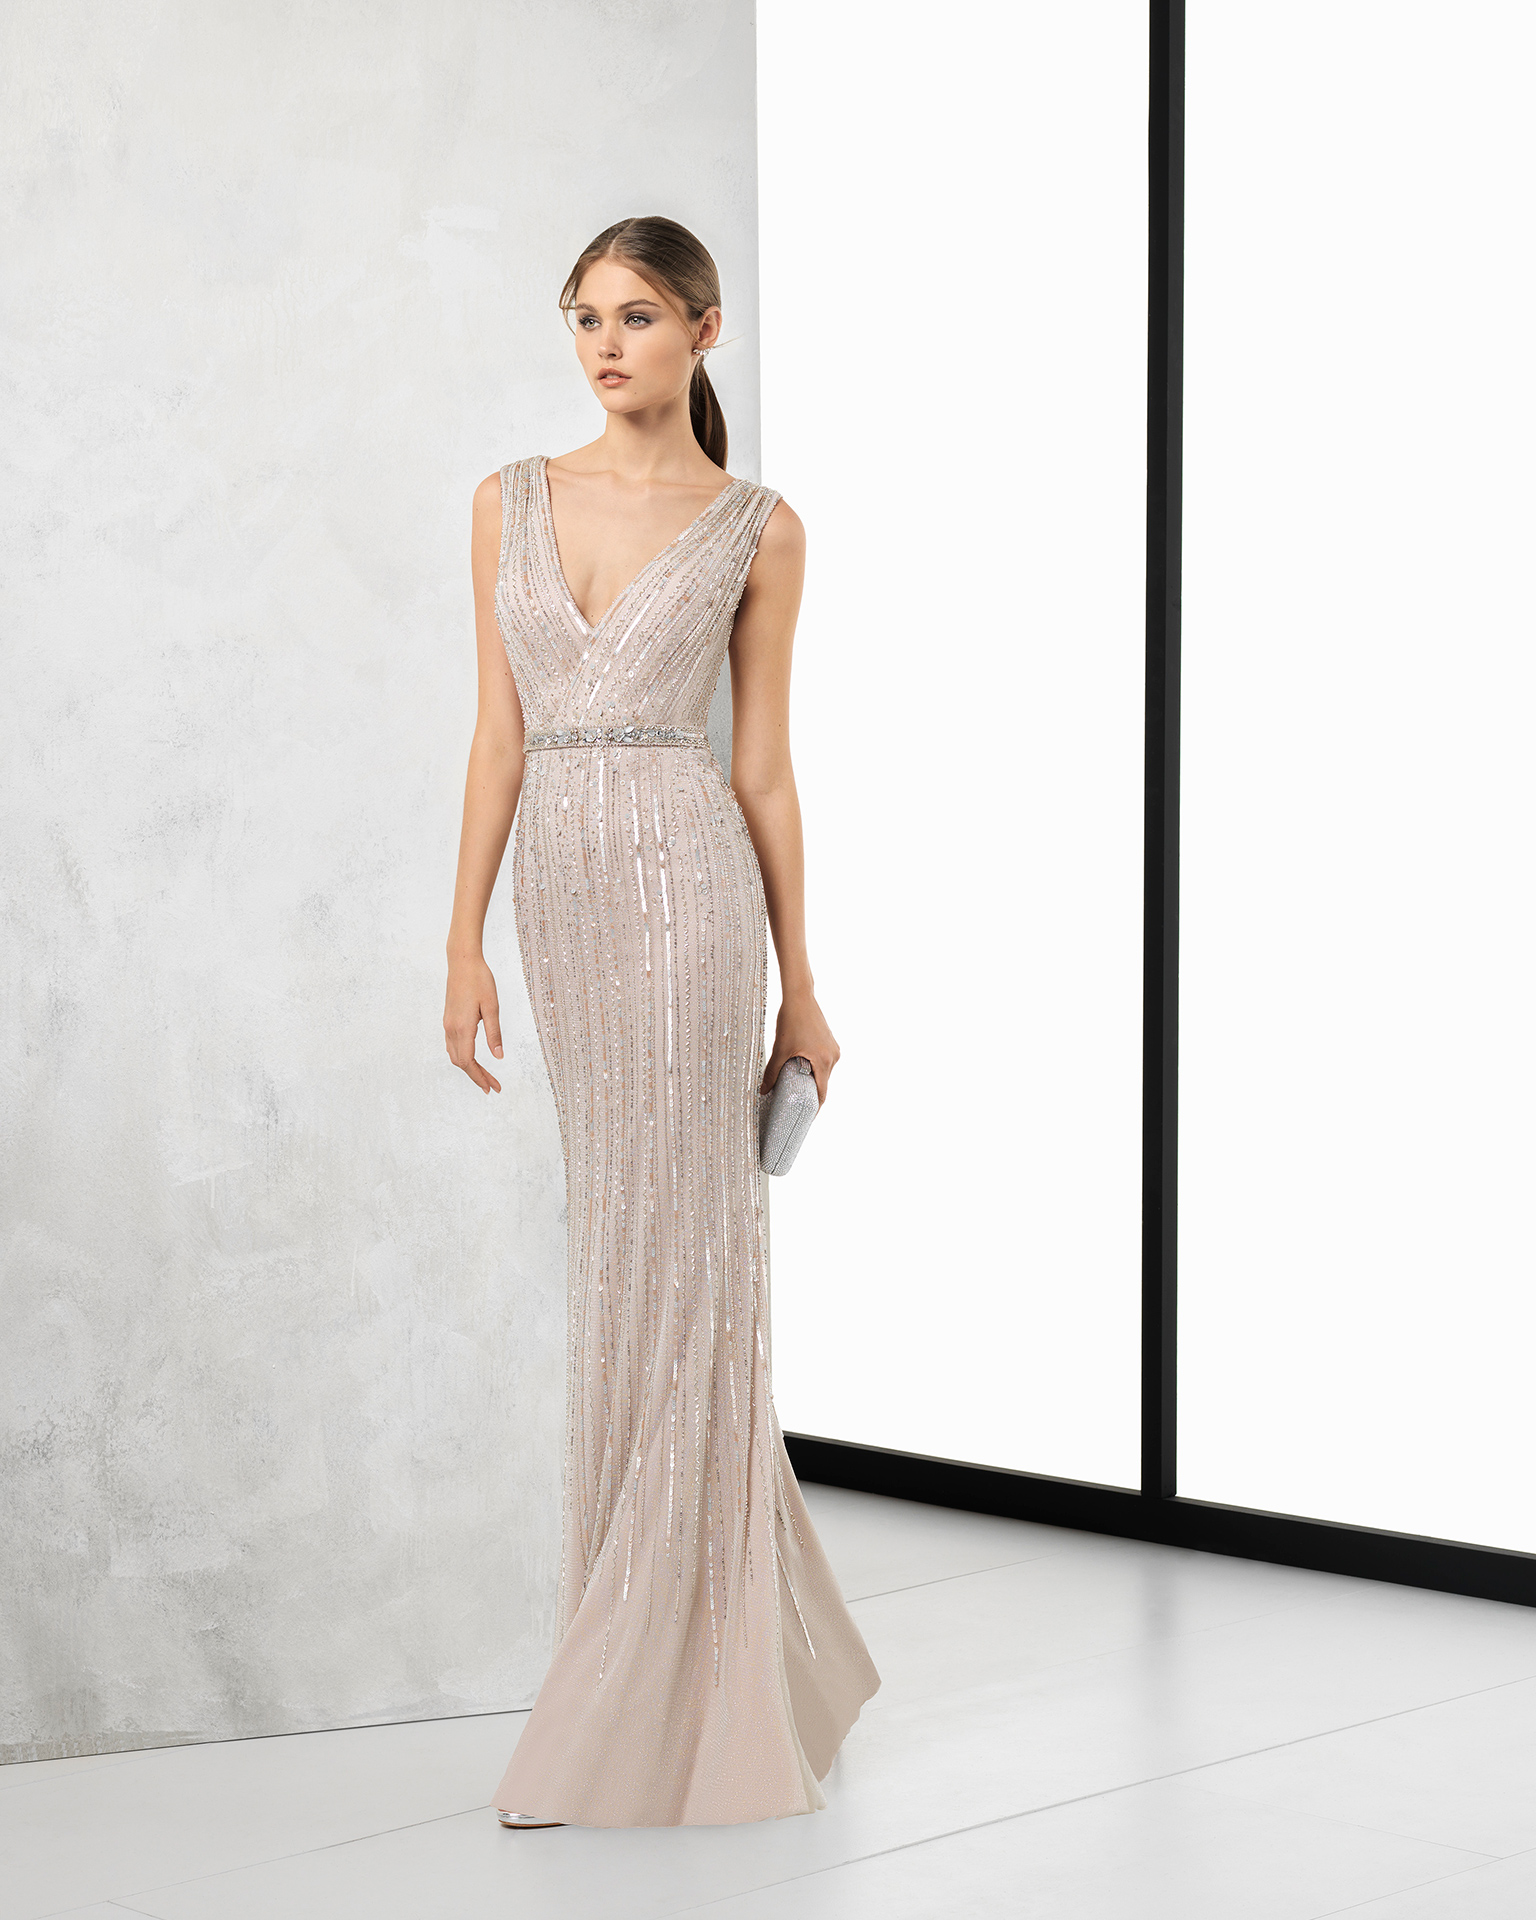 6bc10ef31775 TodoBoda.com - 10 vestidos de fiesta para bodas de tarde-noche